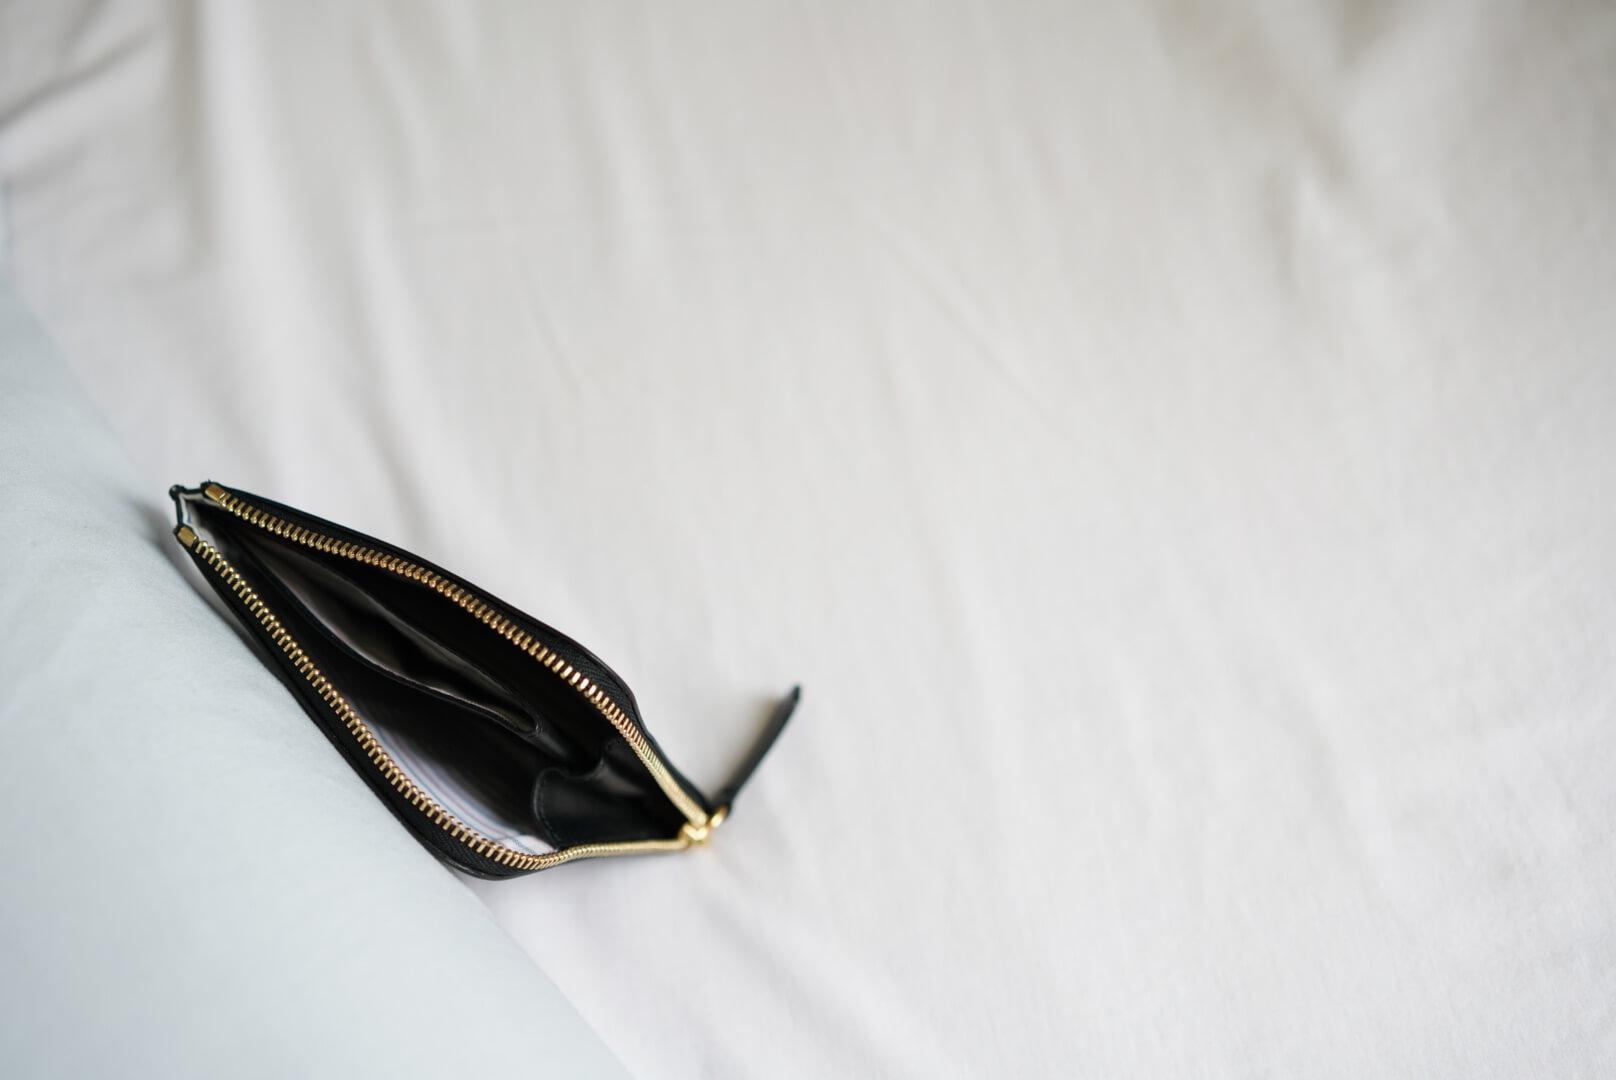 maison kitsuneの財布の中